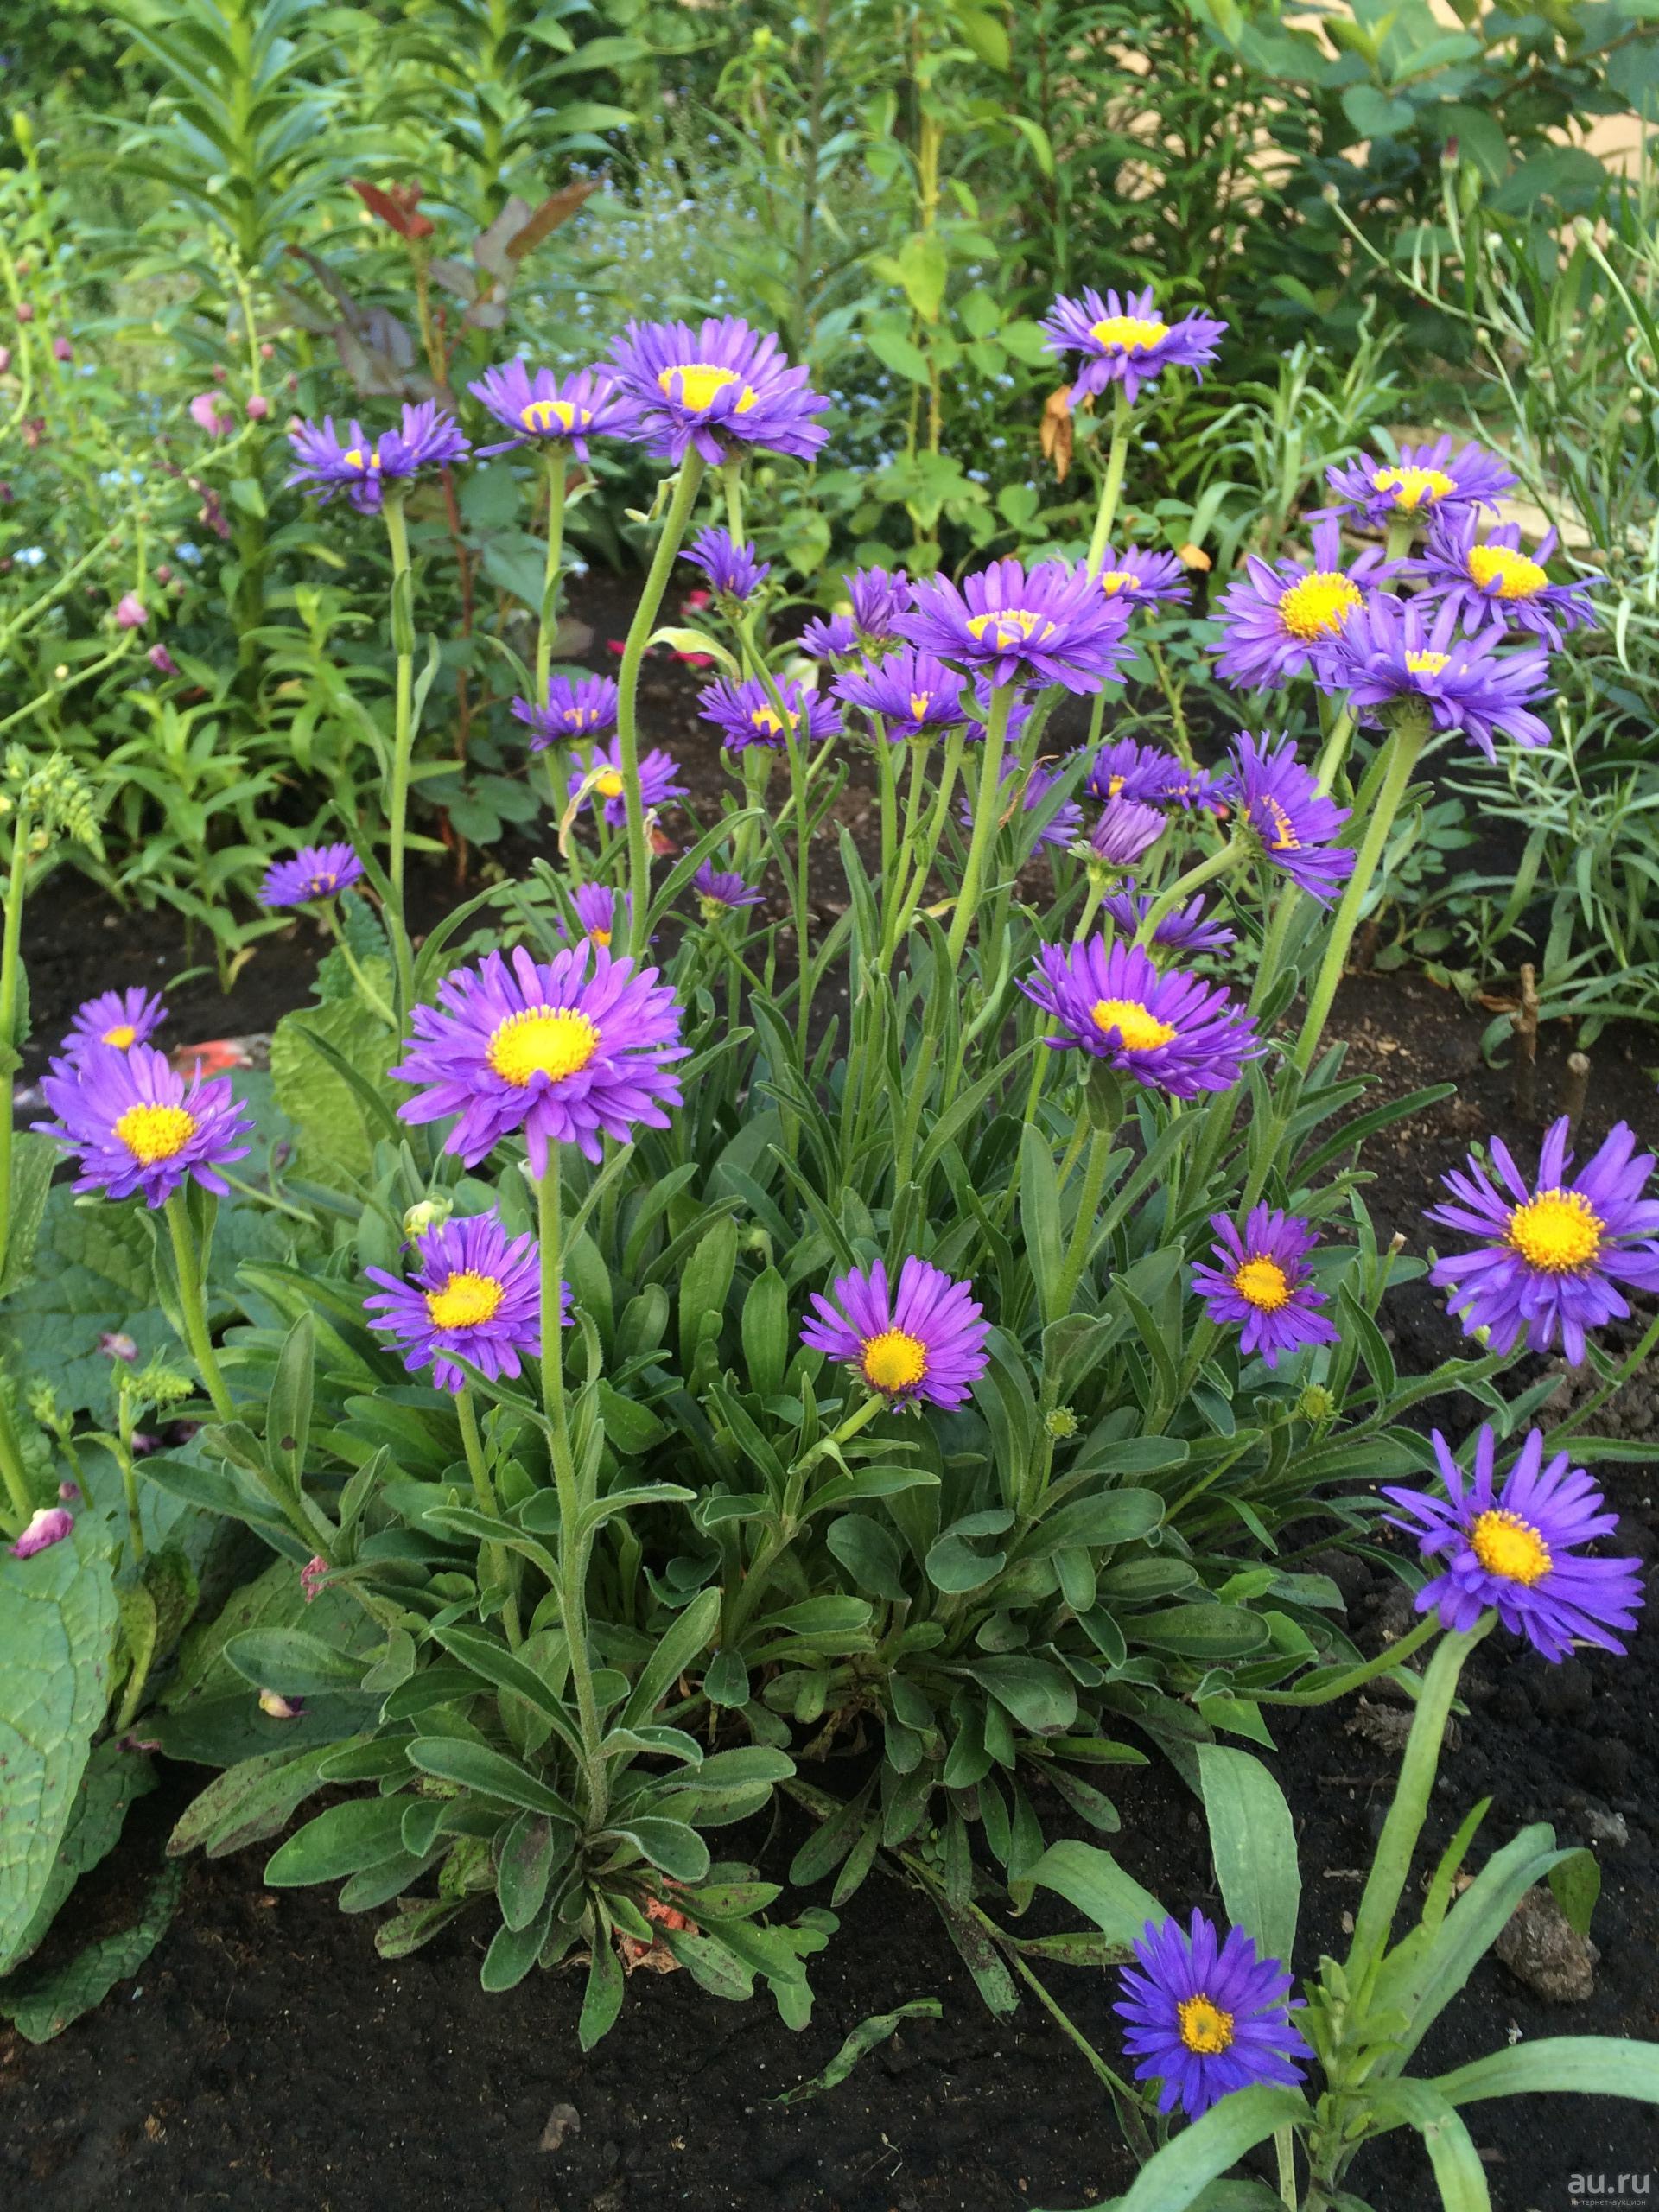 Бордюрные низкорослые цветы для клумбы: карликовые сорта, многолетники и однолетники, цветущие все лето